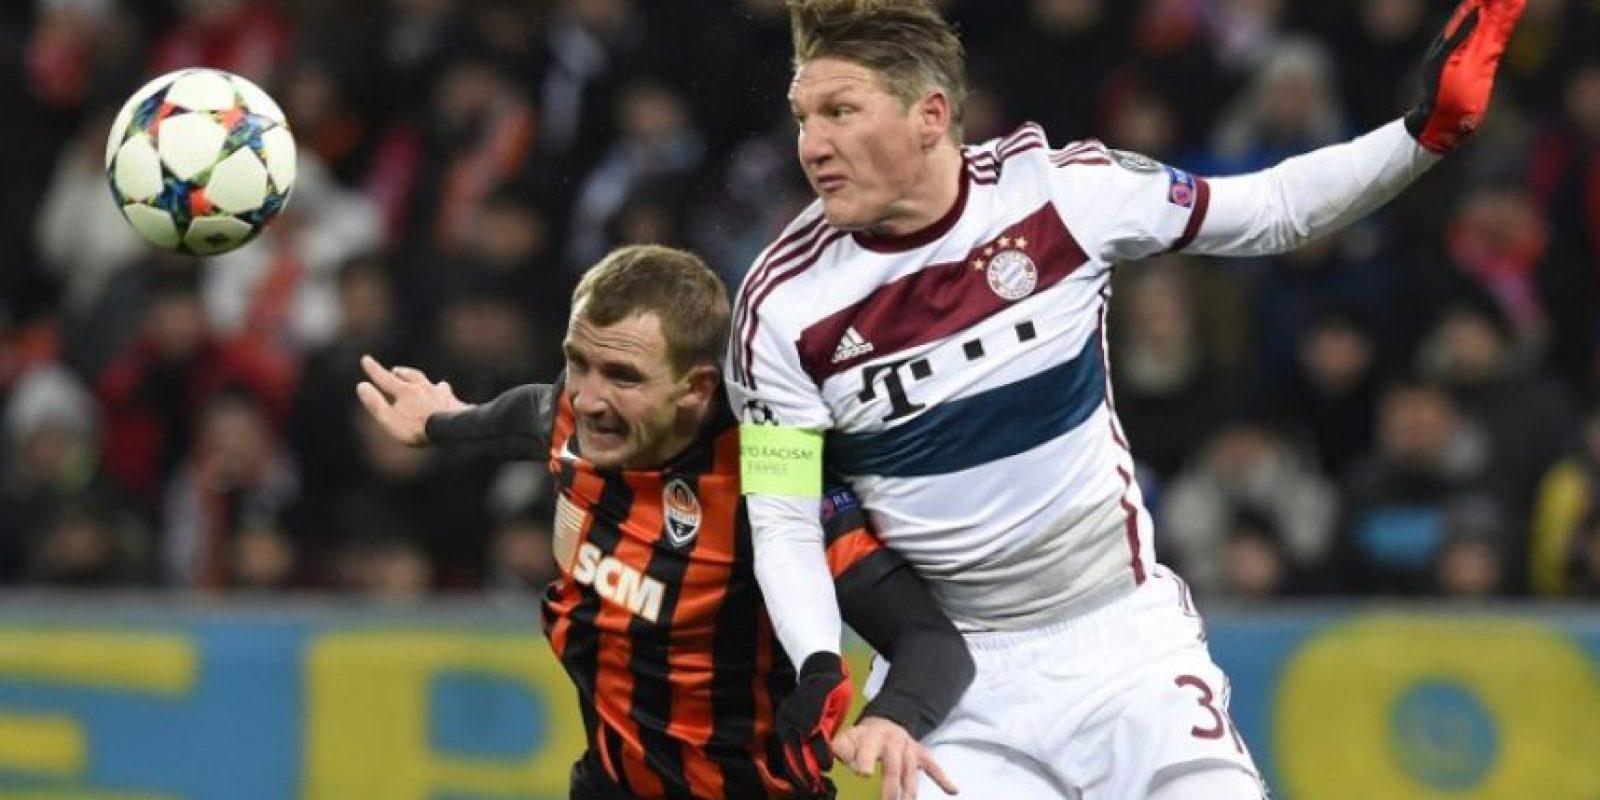 El futbolista alemán alentó al pequeño seguidor a seguir con su aseo personal. Foto:AFP